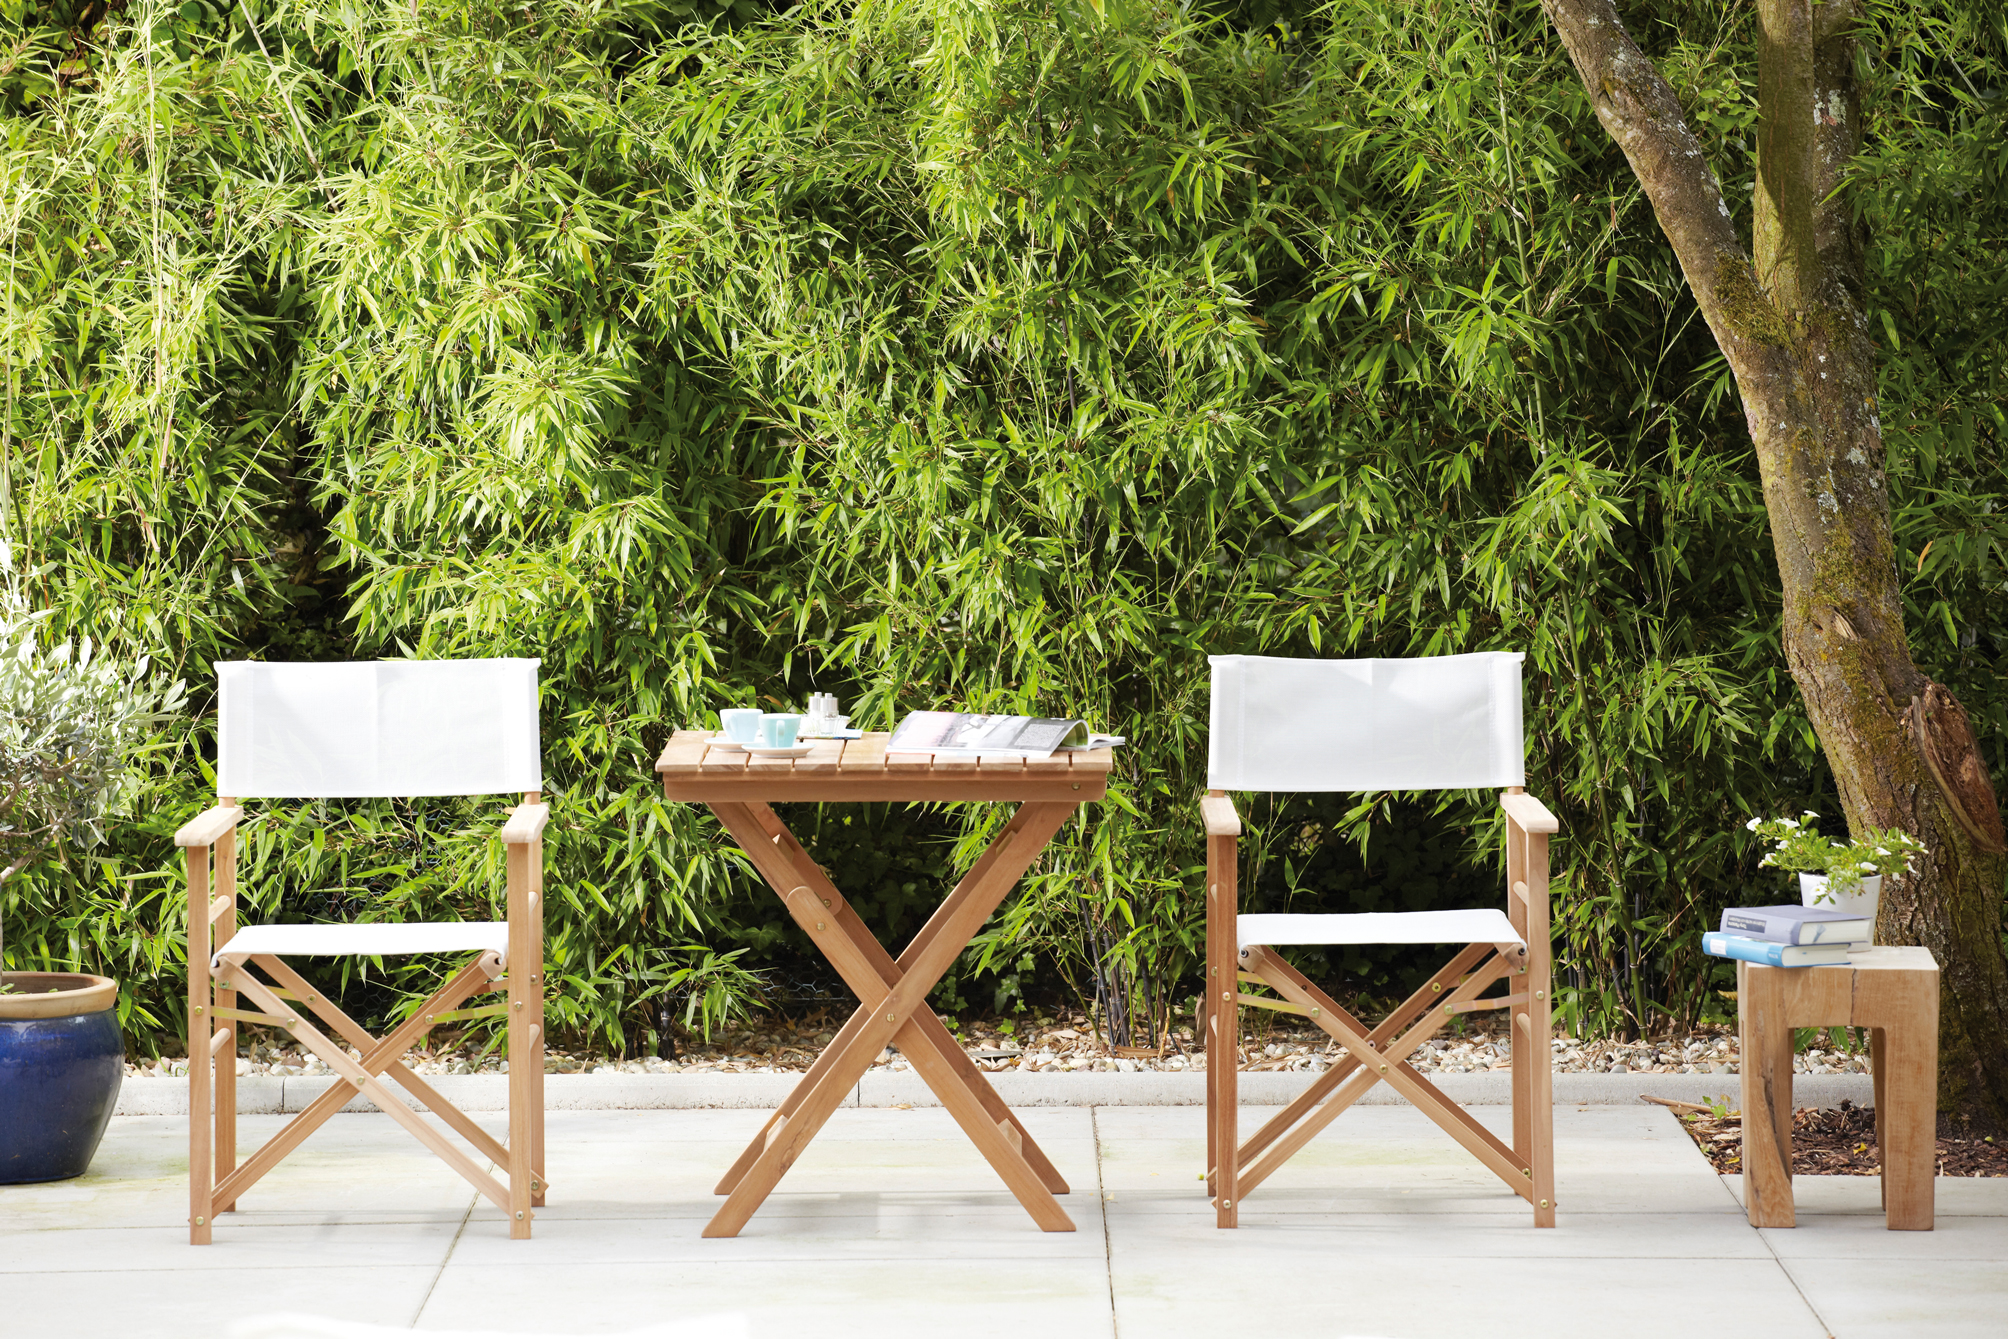 woody klapptisch gartentische outdoor jan kurtz neuware d4c m bel outlet. Black Bedroom Furniture Sets. Home Design Ideas